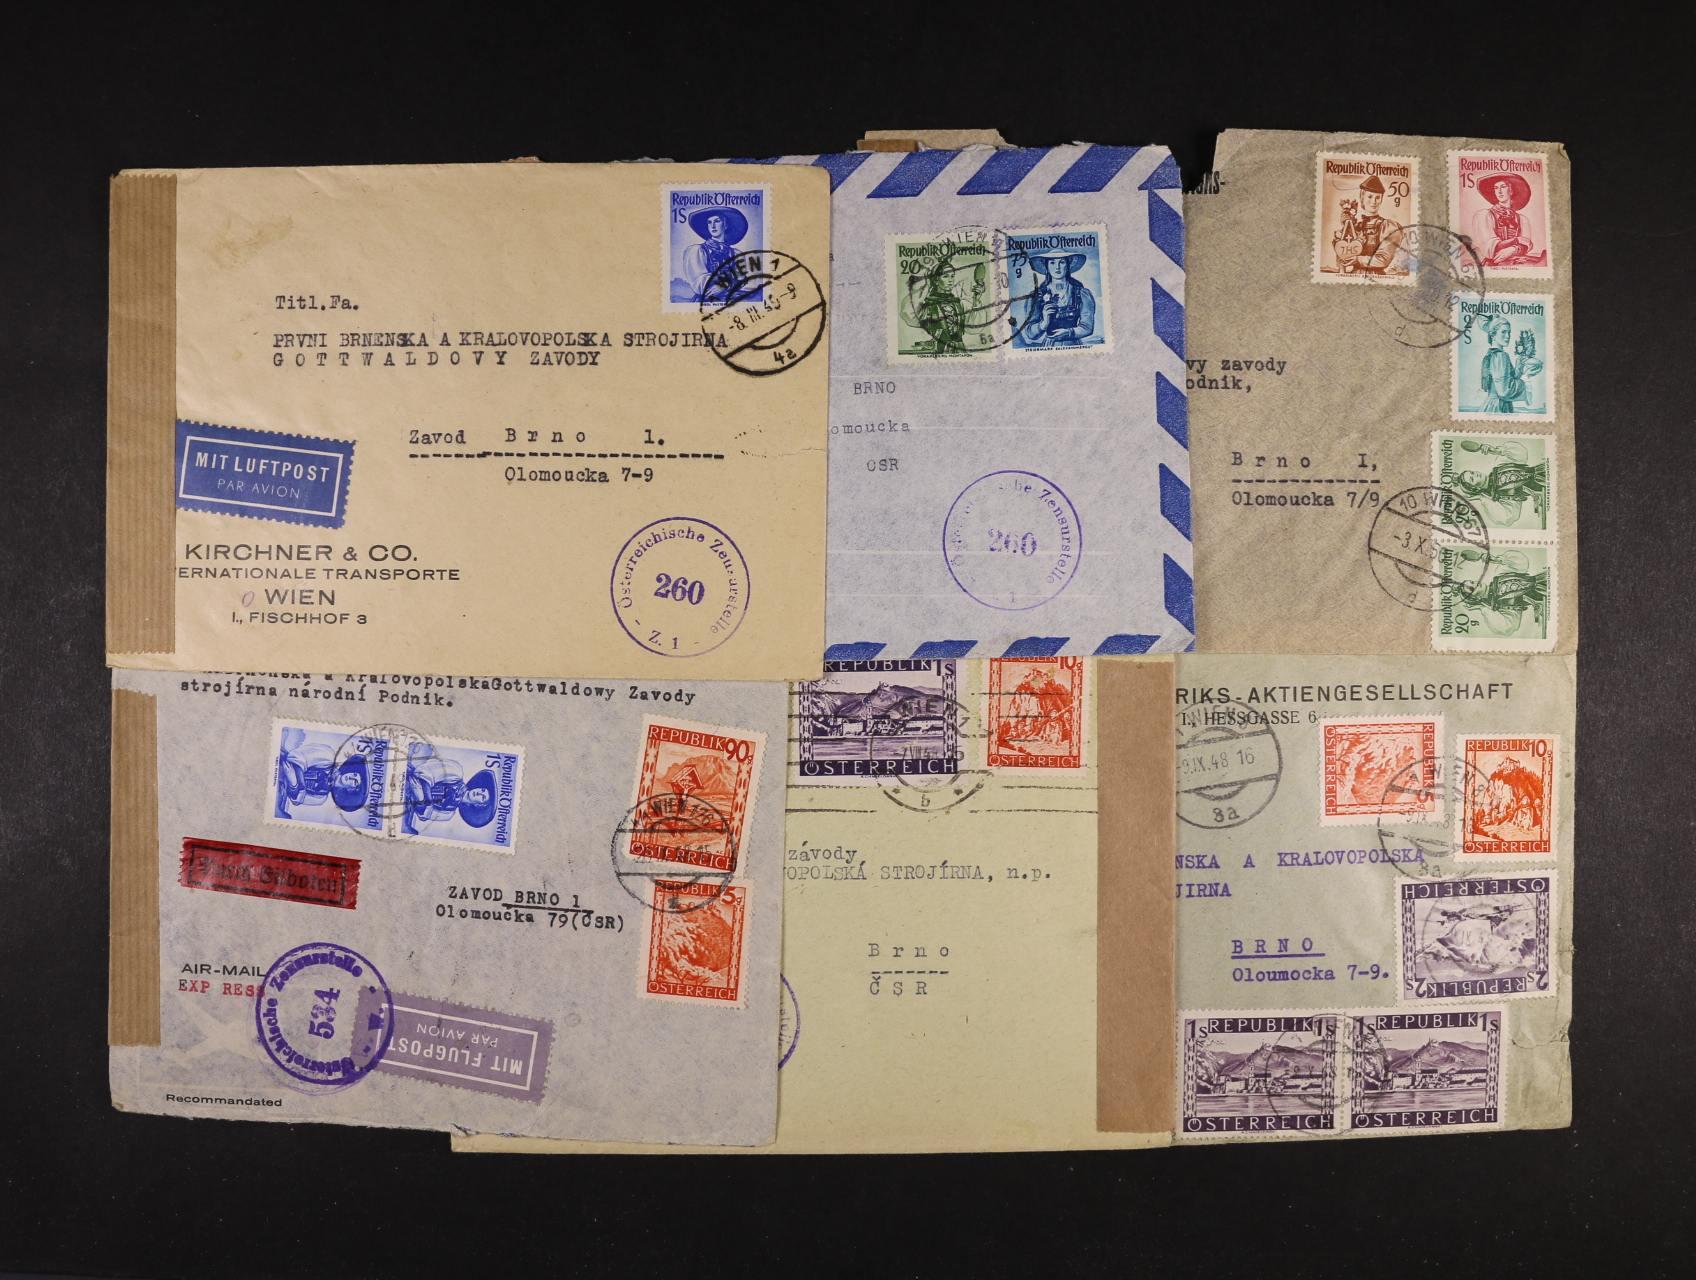 sestava 4 ks dopisů do ČSR - R-EXPRES, RECO, zajímavé vysoké, pestré frankatury, cenzurní pásky a raz.